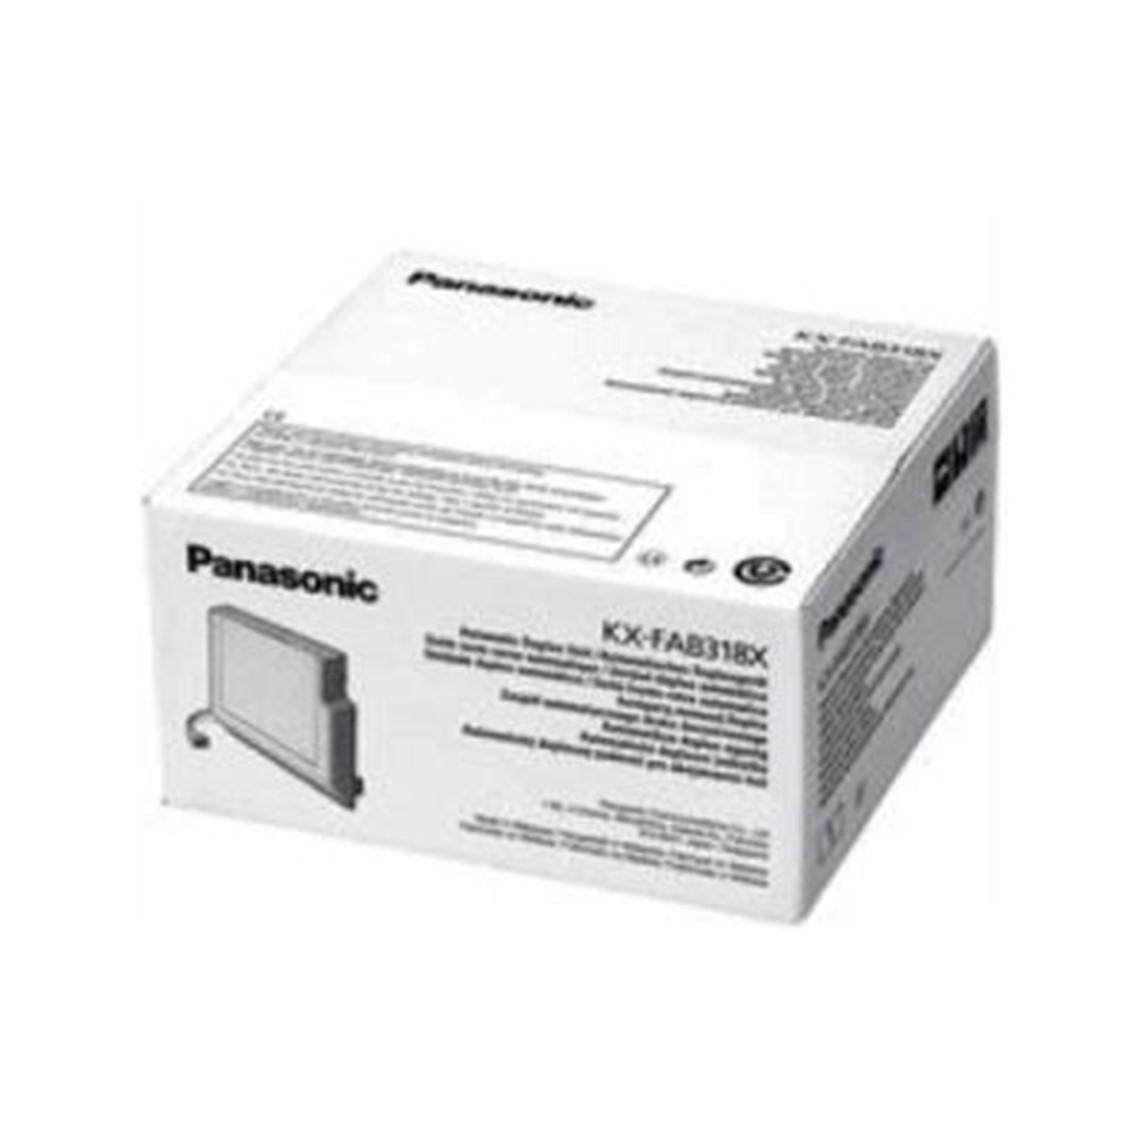 Unidad Duplex Panasonic Para Mc KX-FAB318X